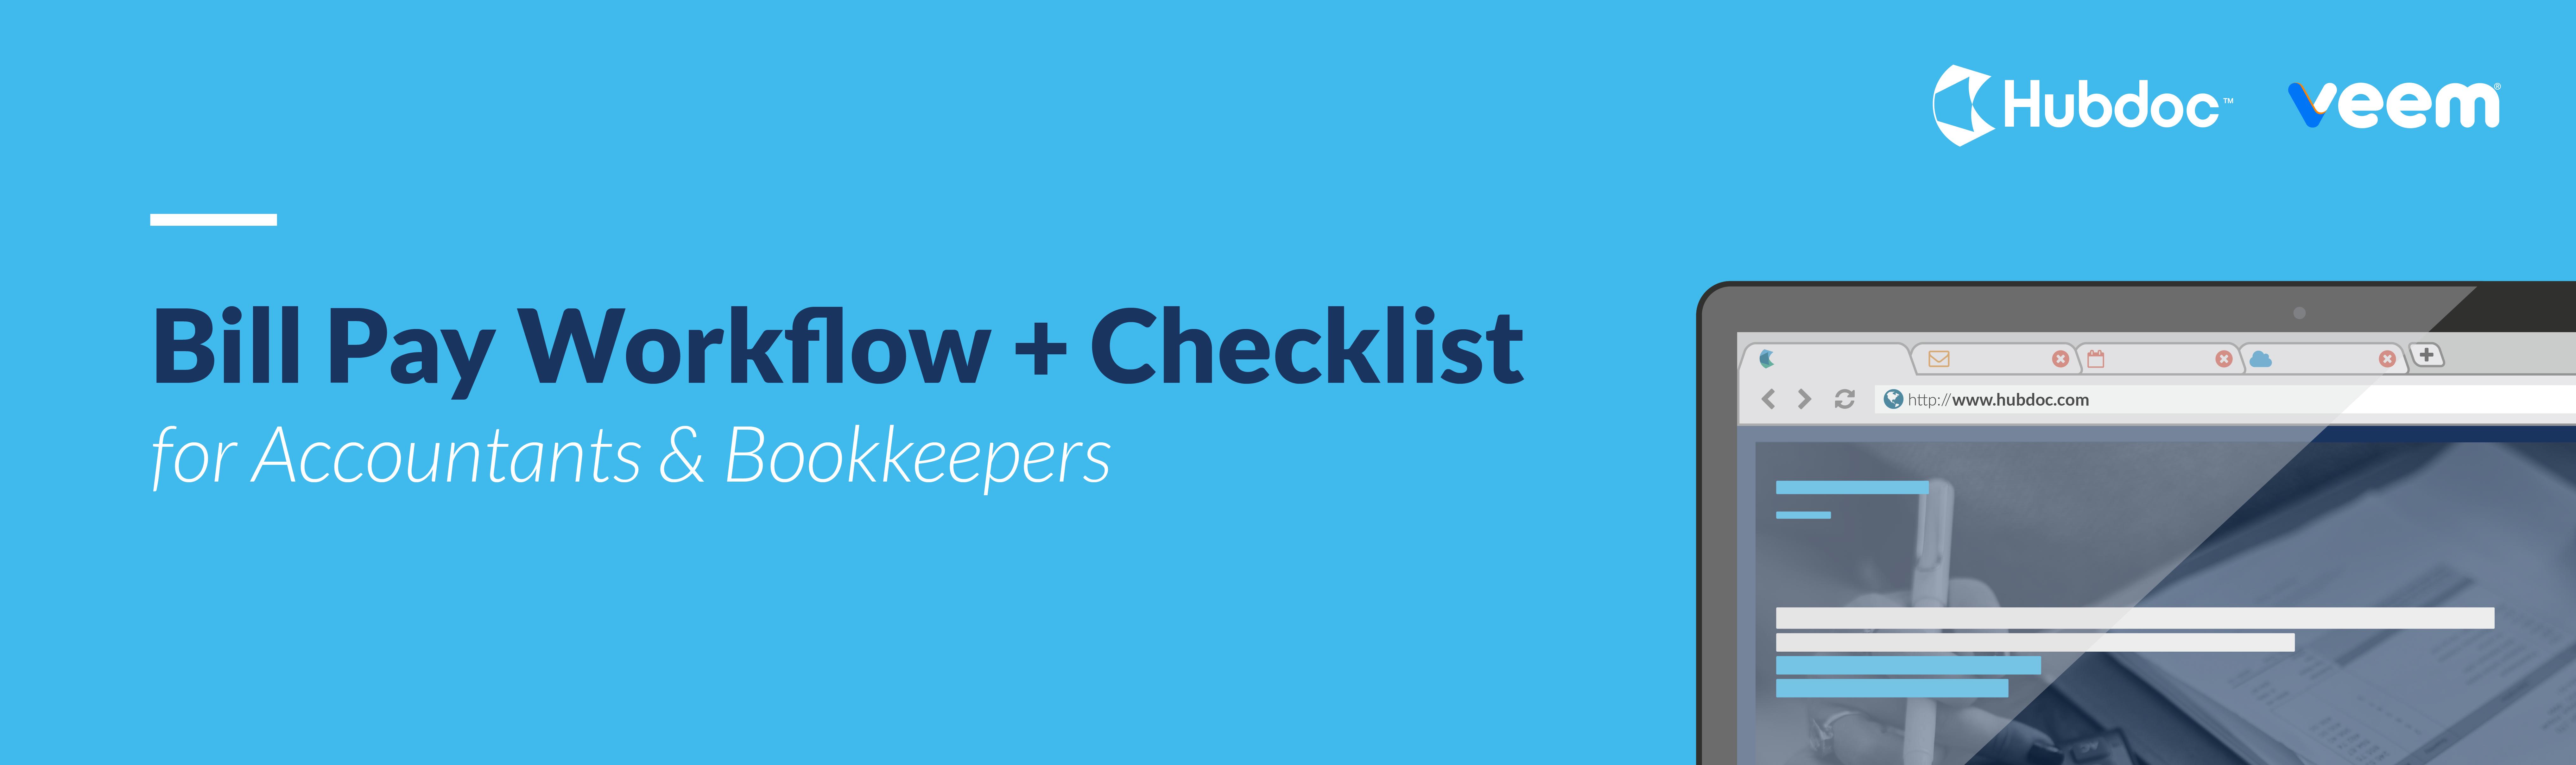 Bill Pay Workflow + Checklist